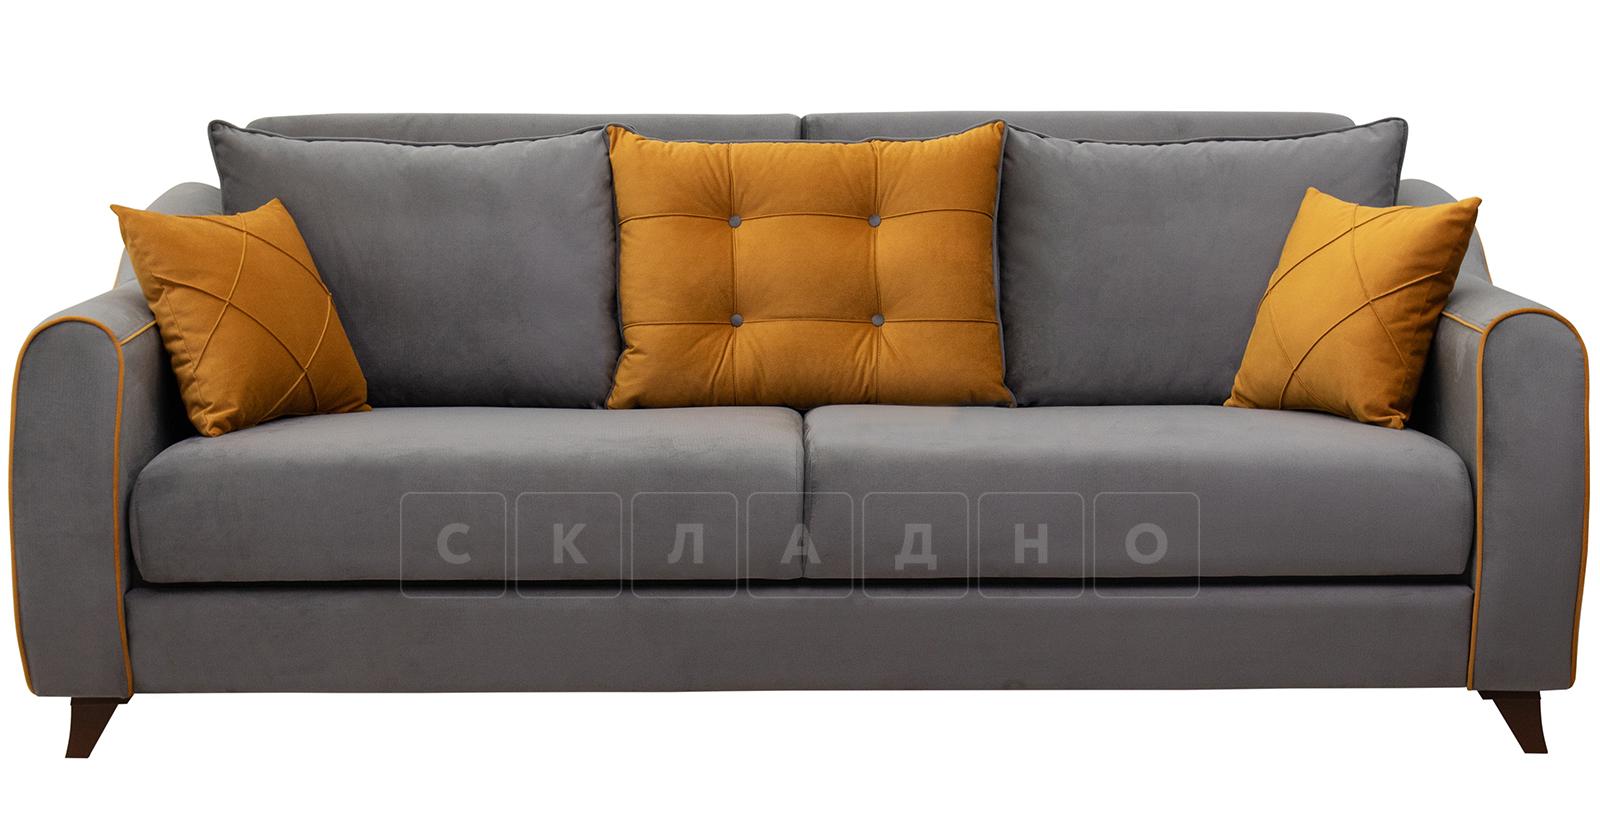 Диван-кровать Флэтфорд кварцевый серый фото 2 | интернет-магазин Складно